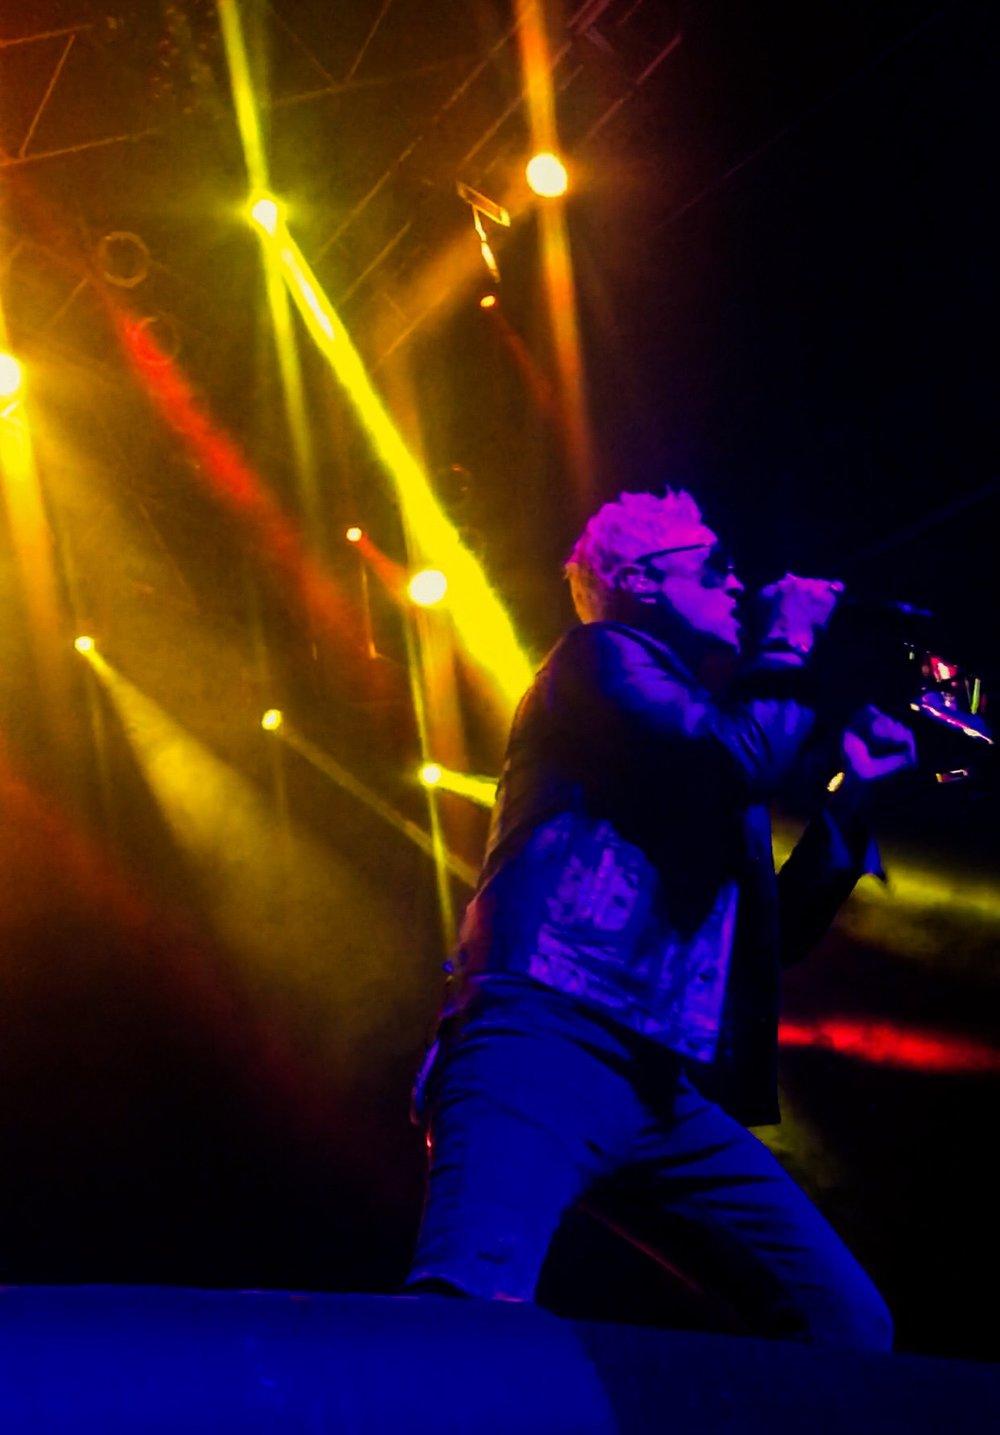 STP Lead Singer Jeff Gutt by Jorge Lara